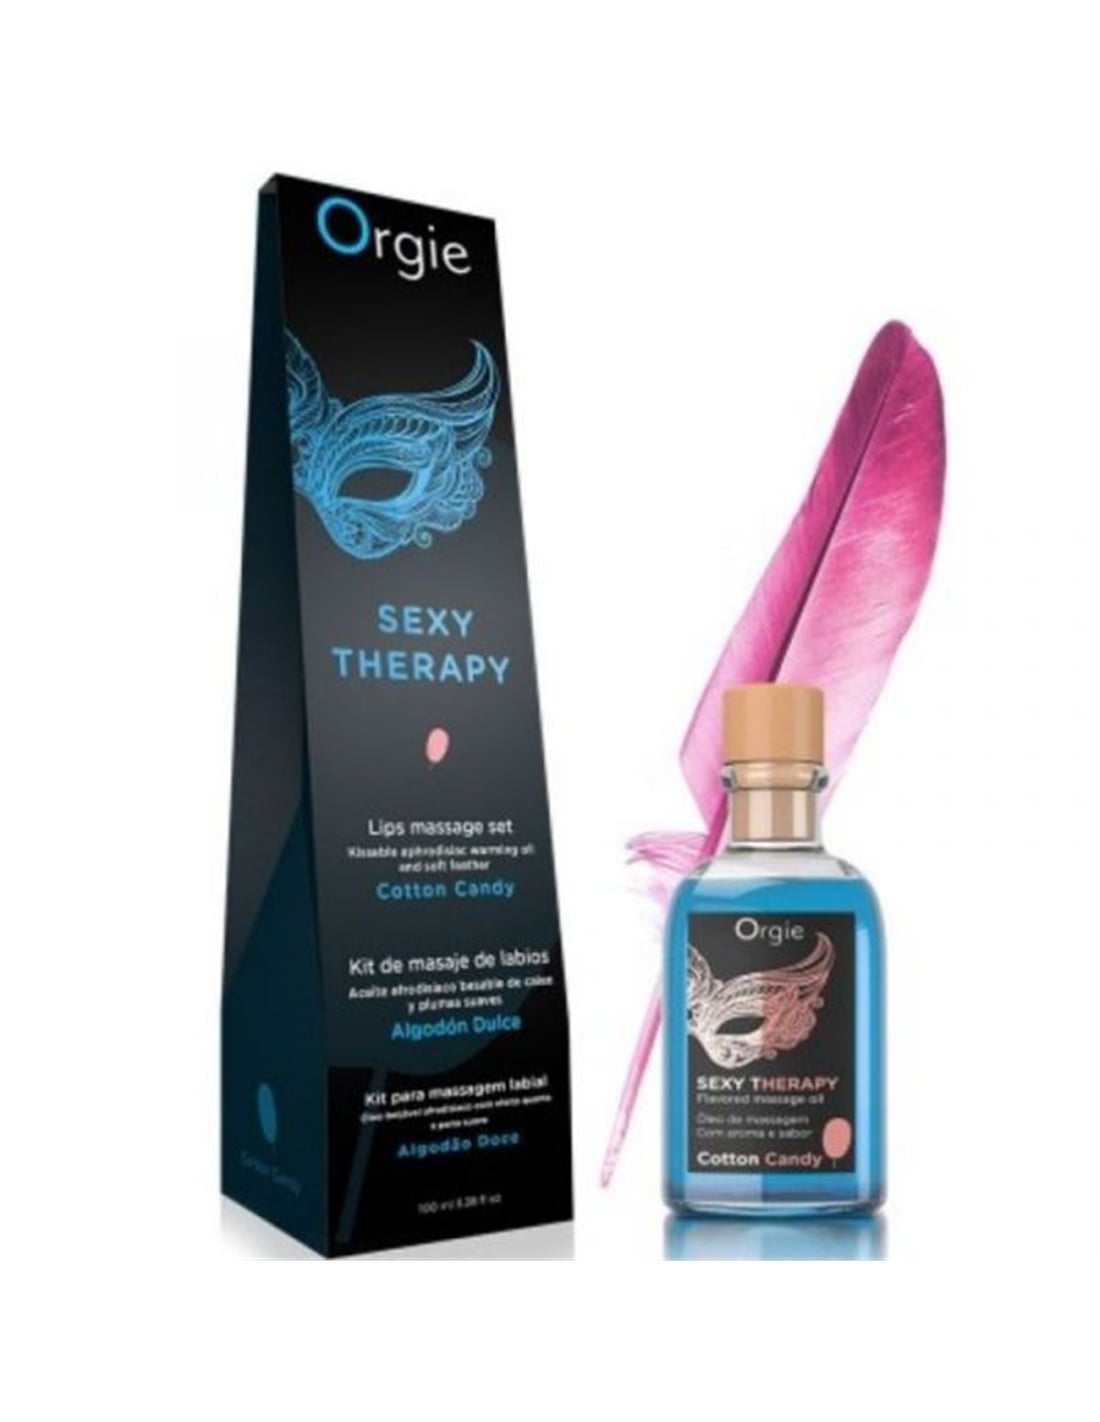 Kit de Massagem de Lábios Algodão Doce ORGIE - PR2010359507